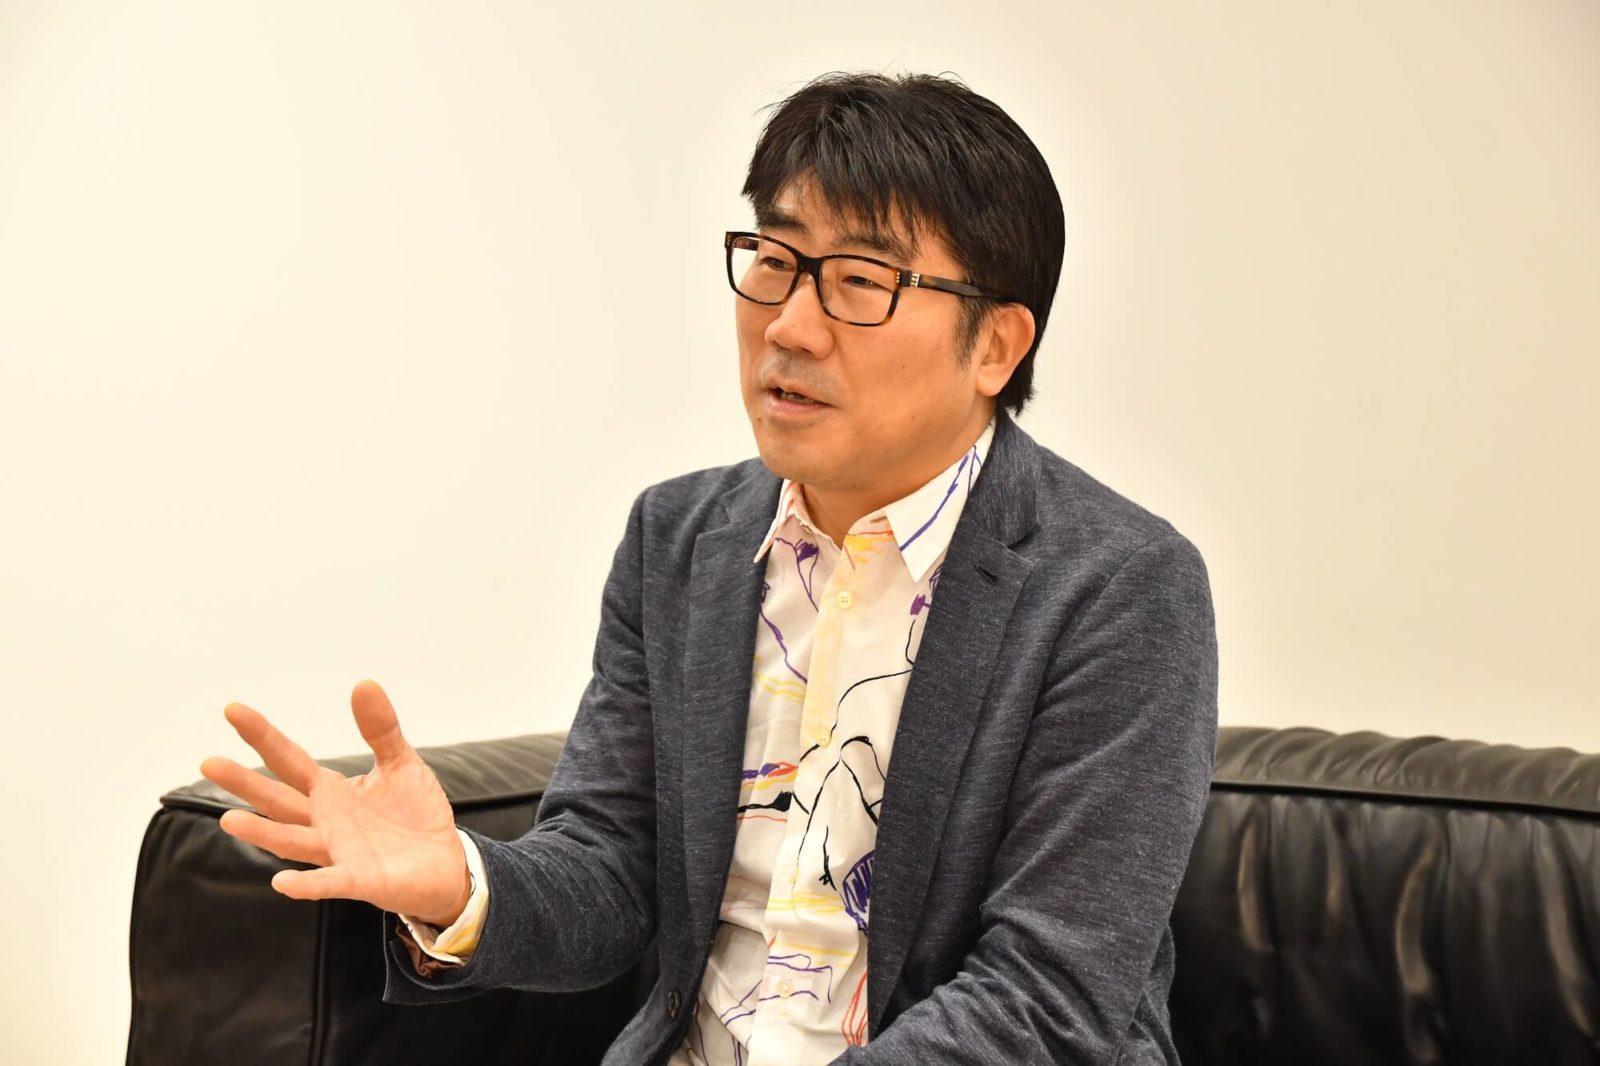 """亀田誠治プロデュース、完全無料の公園音楽フェス「日比谷音楽祭」は""""天命""""画像96272"""